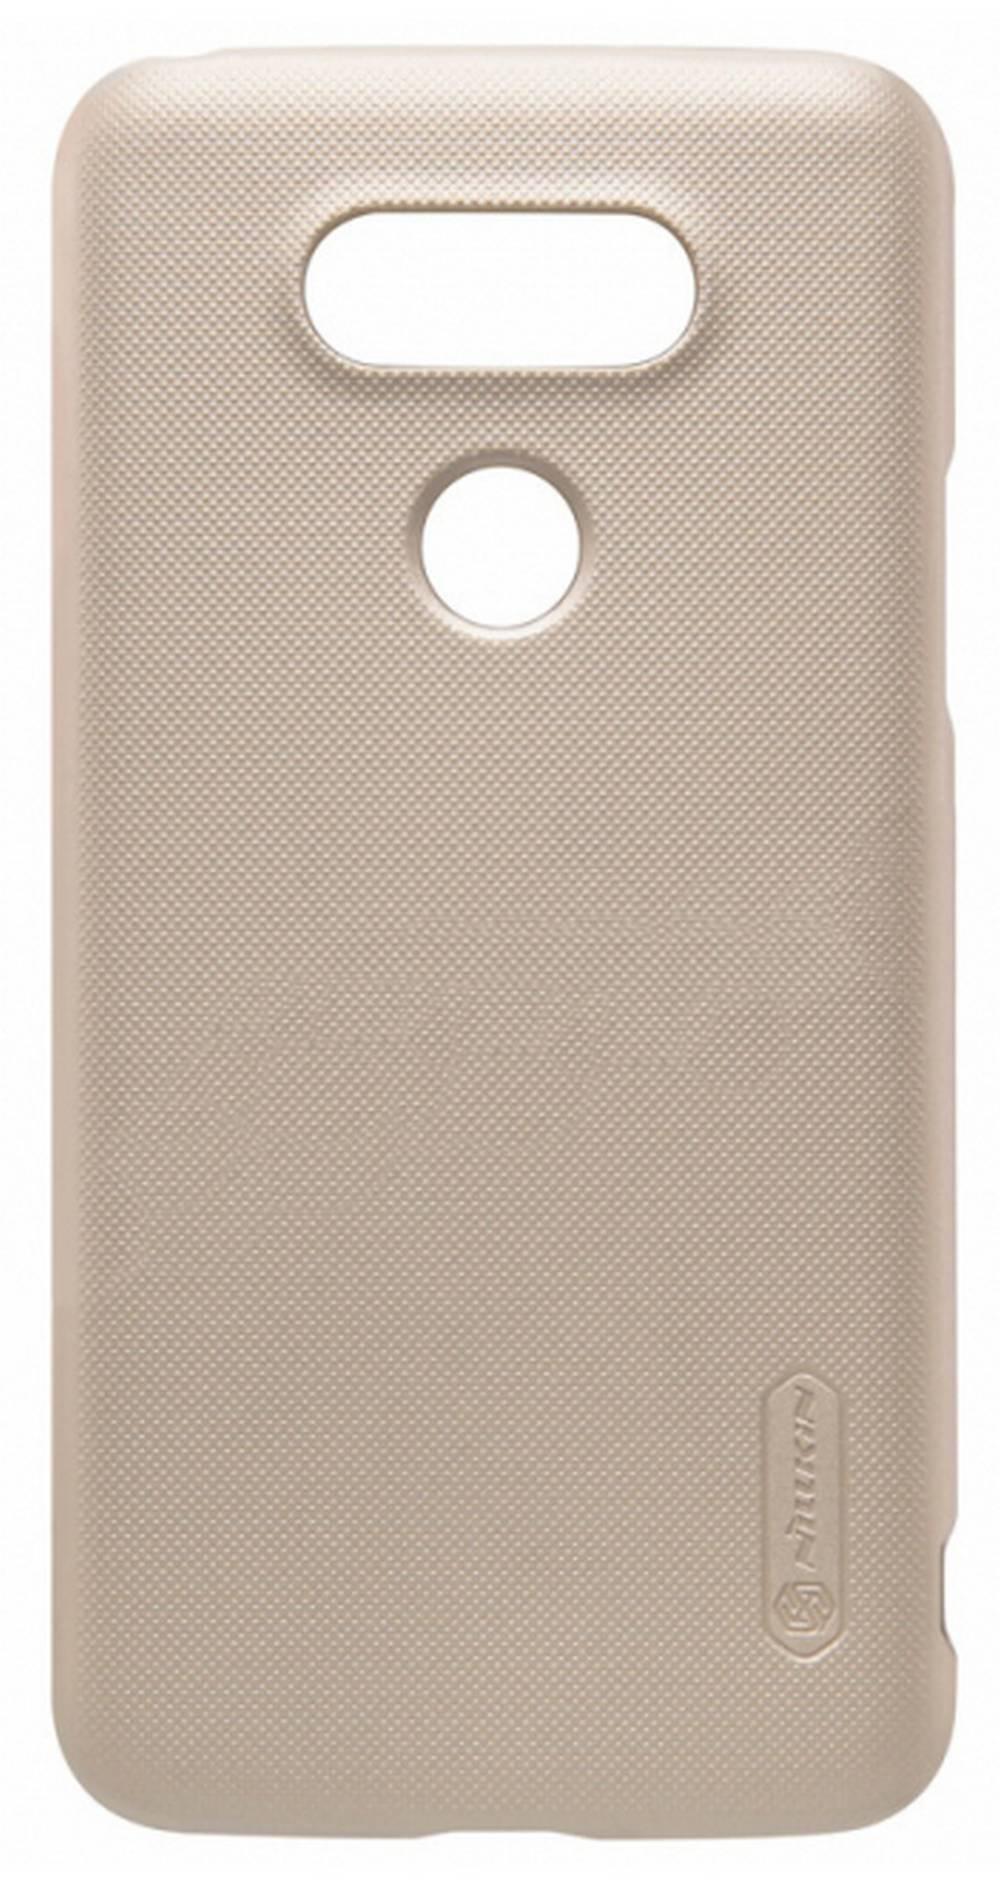 Θήκη Faceplate Nillkin για LG G5 H850 Frosted Shield με Screen Protector Ultra Clear Χρυσαφί